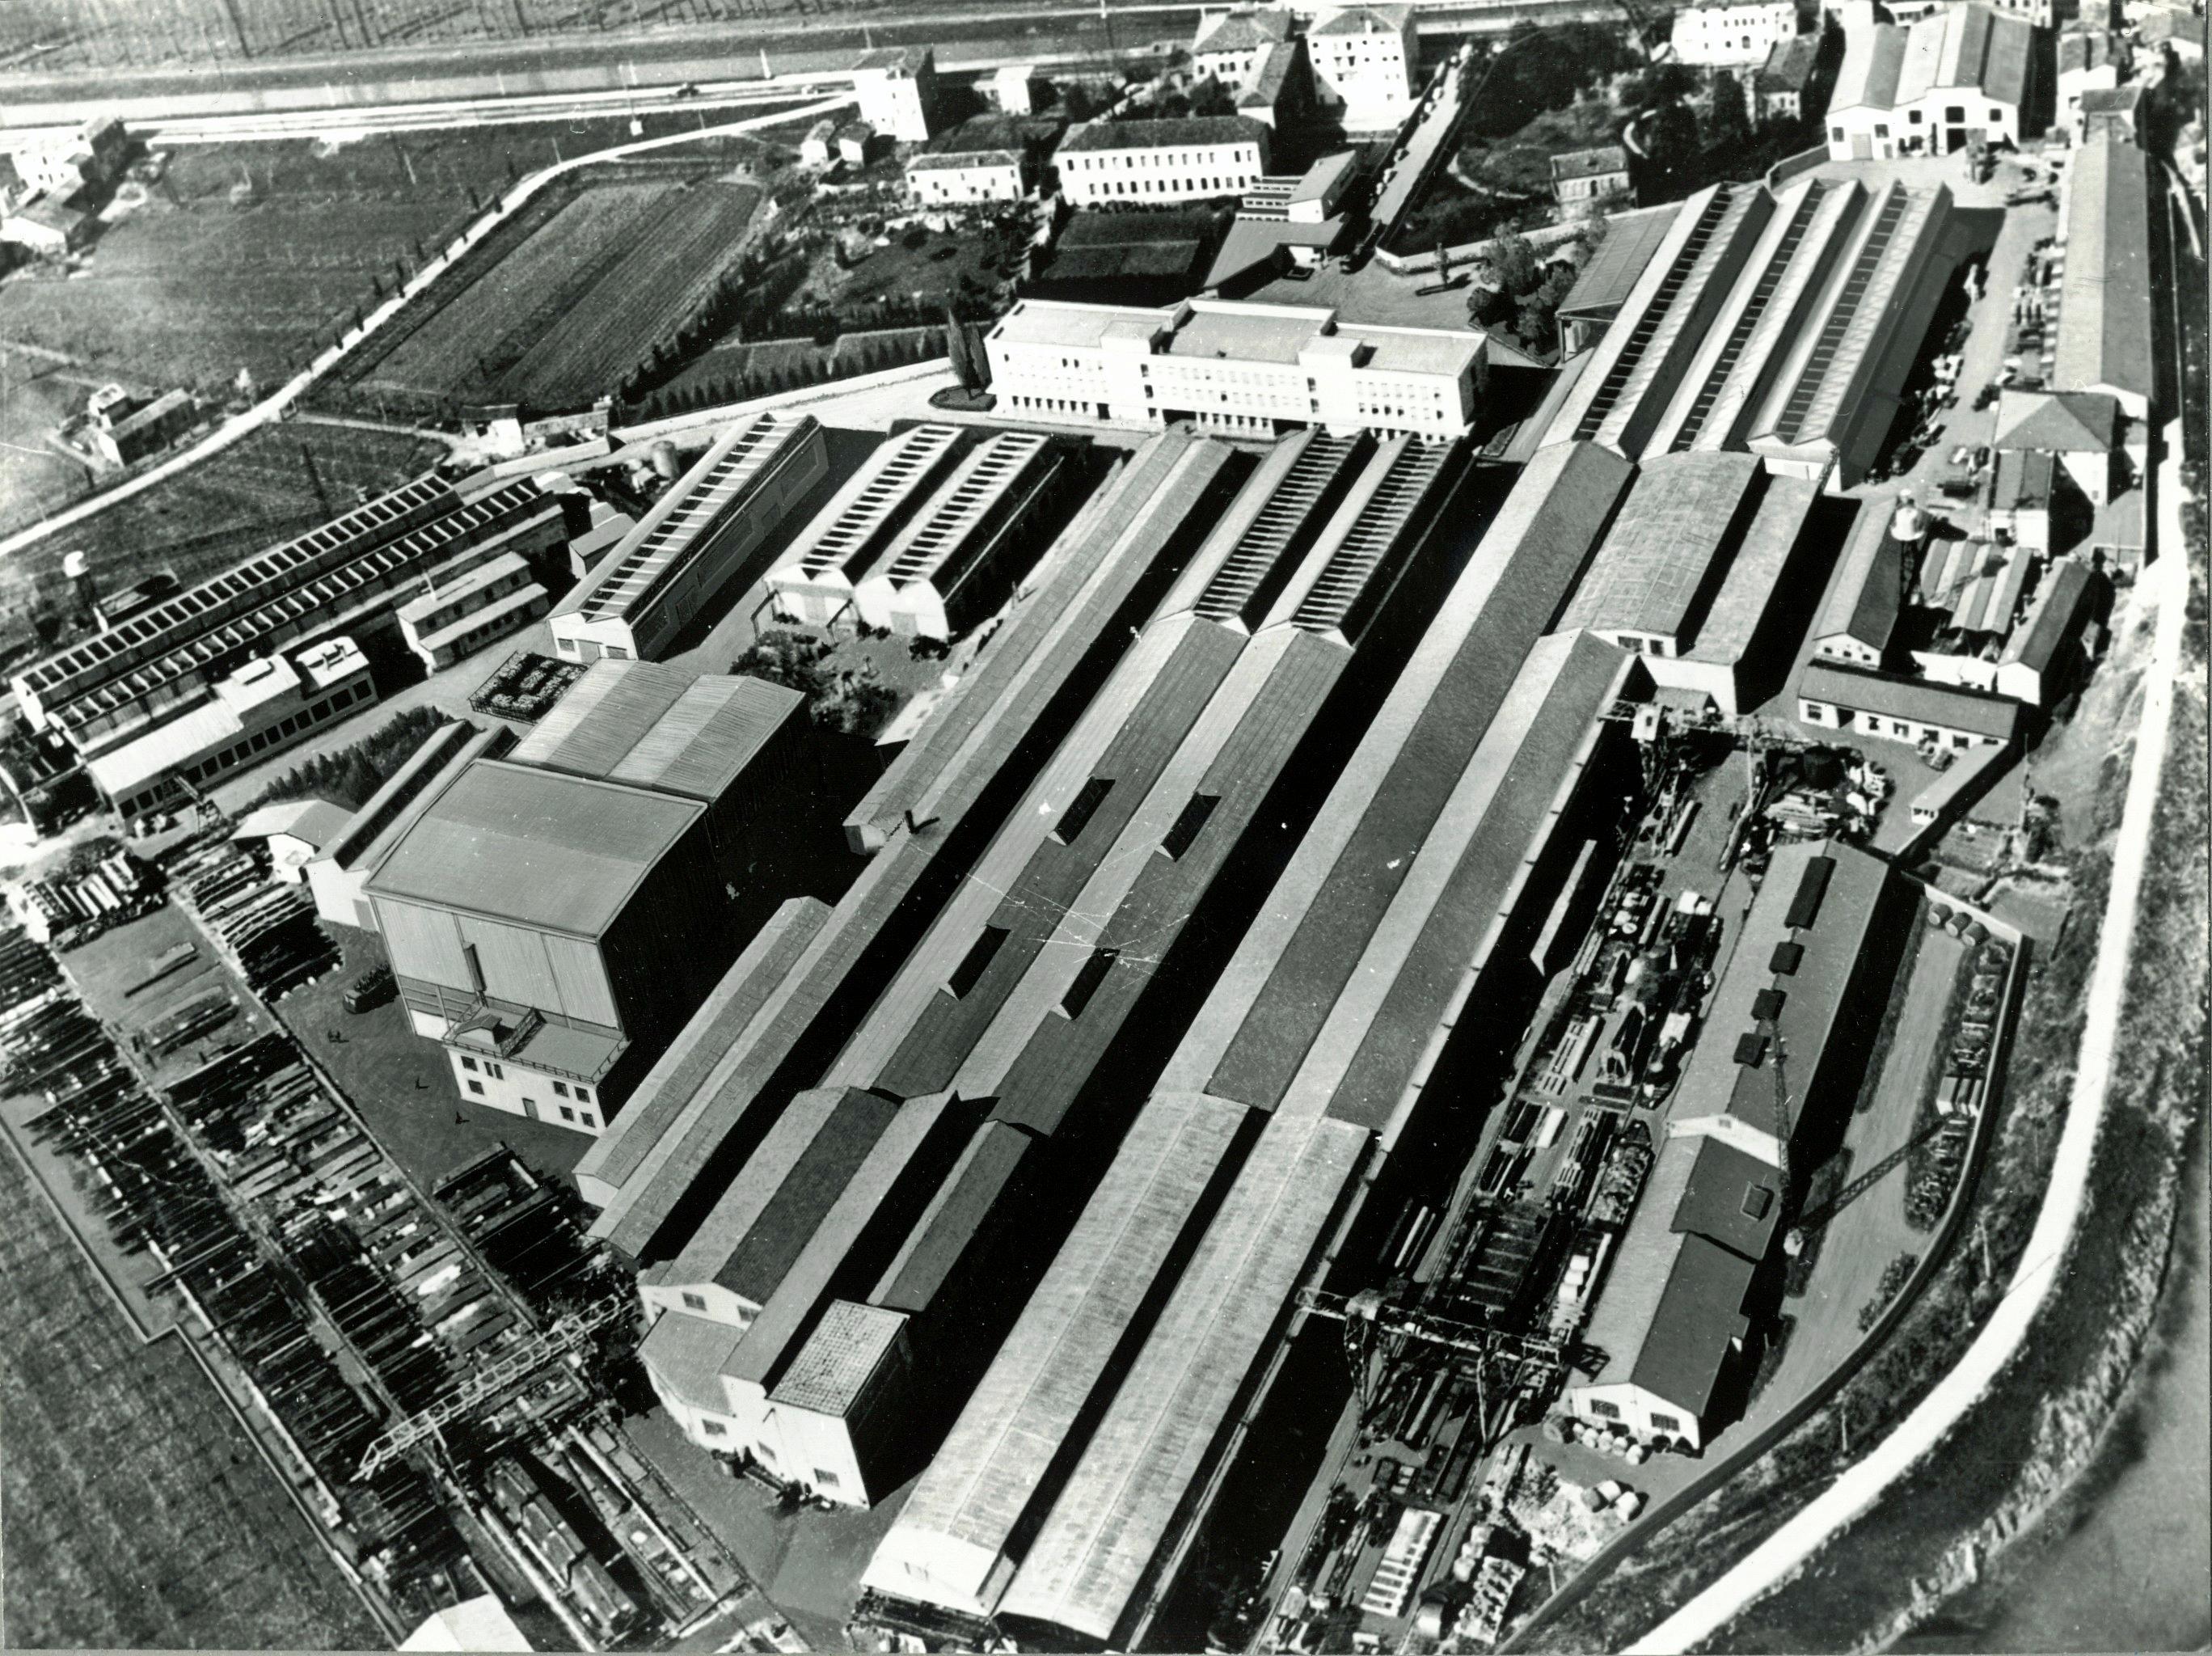 1965, le Officine elettromeccaniche Galileo di Battaglia Terme in una foto aerea.